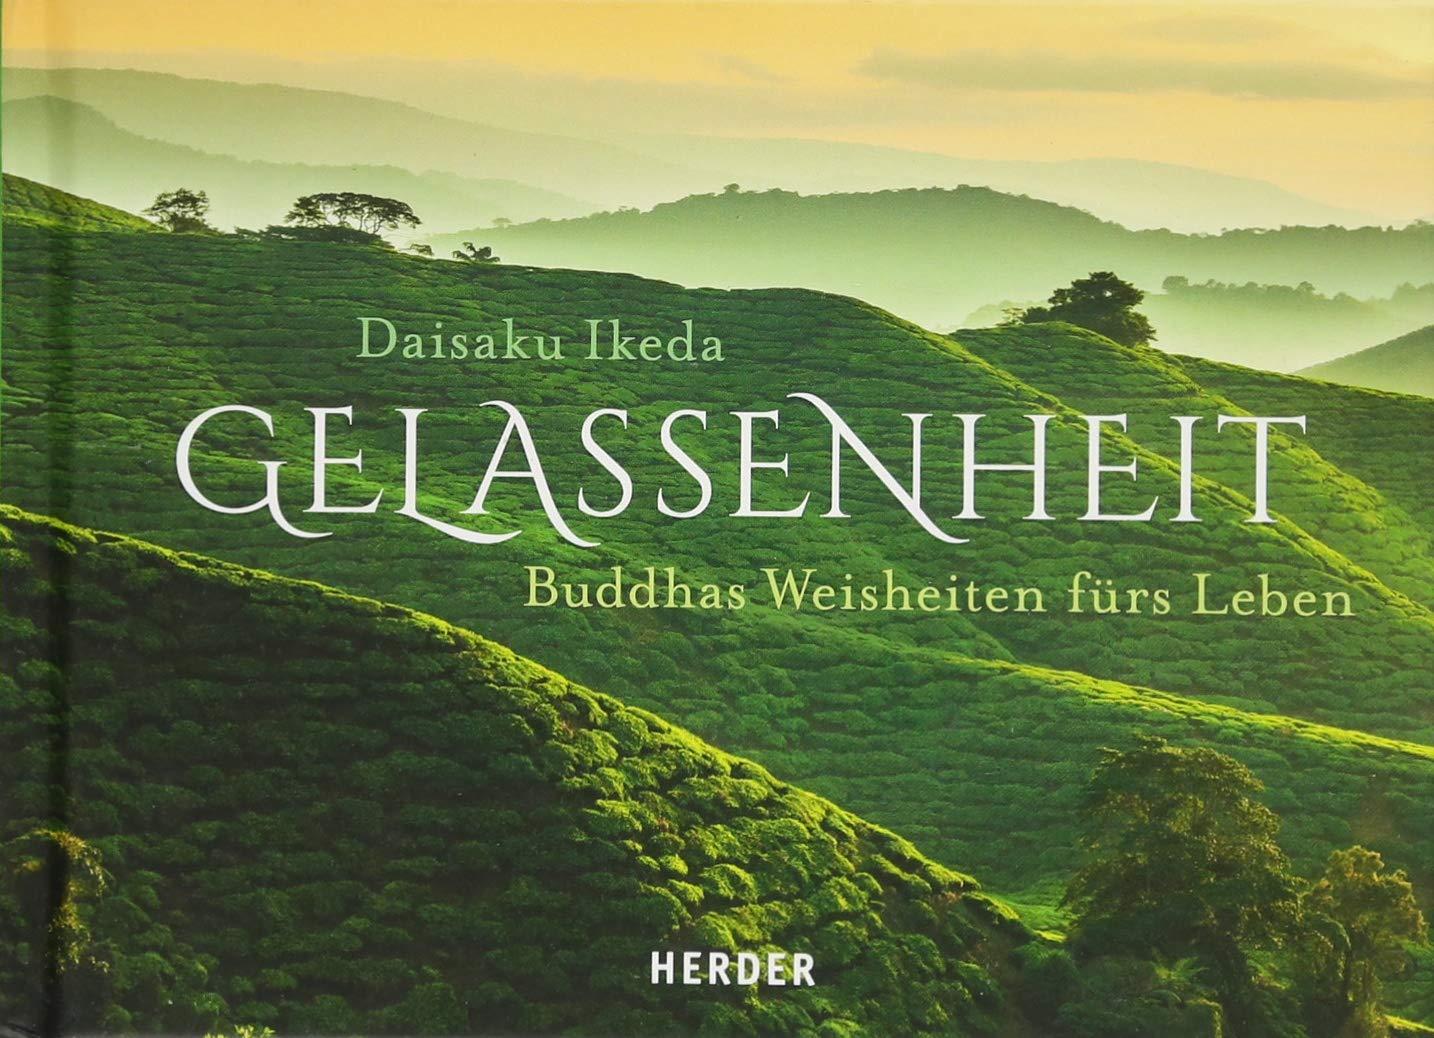 Atemberaubend Gelassenheit: Buddhas Weisheiten fürs Leben: Amazon.de: Daisaku @AW_55